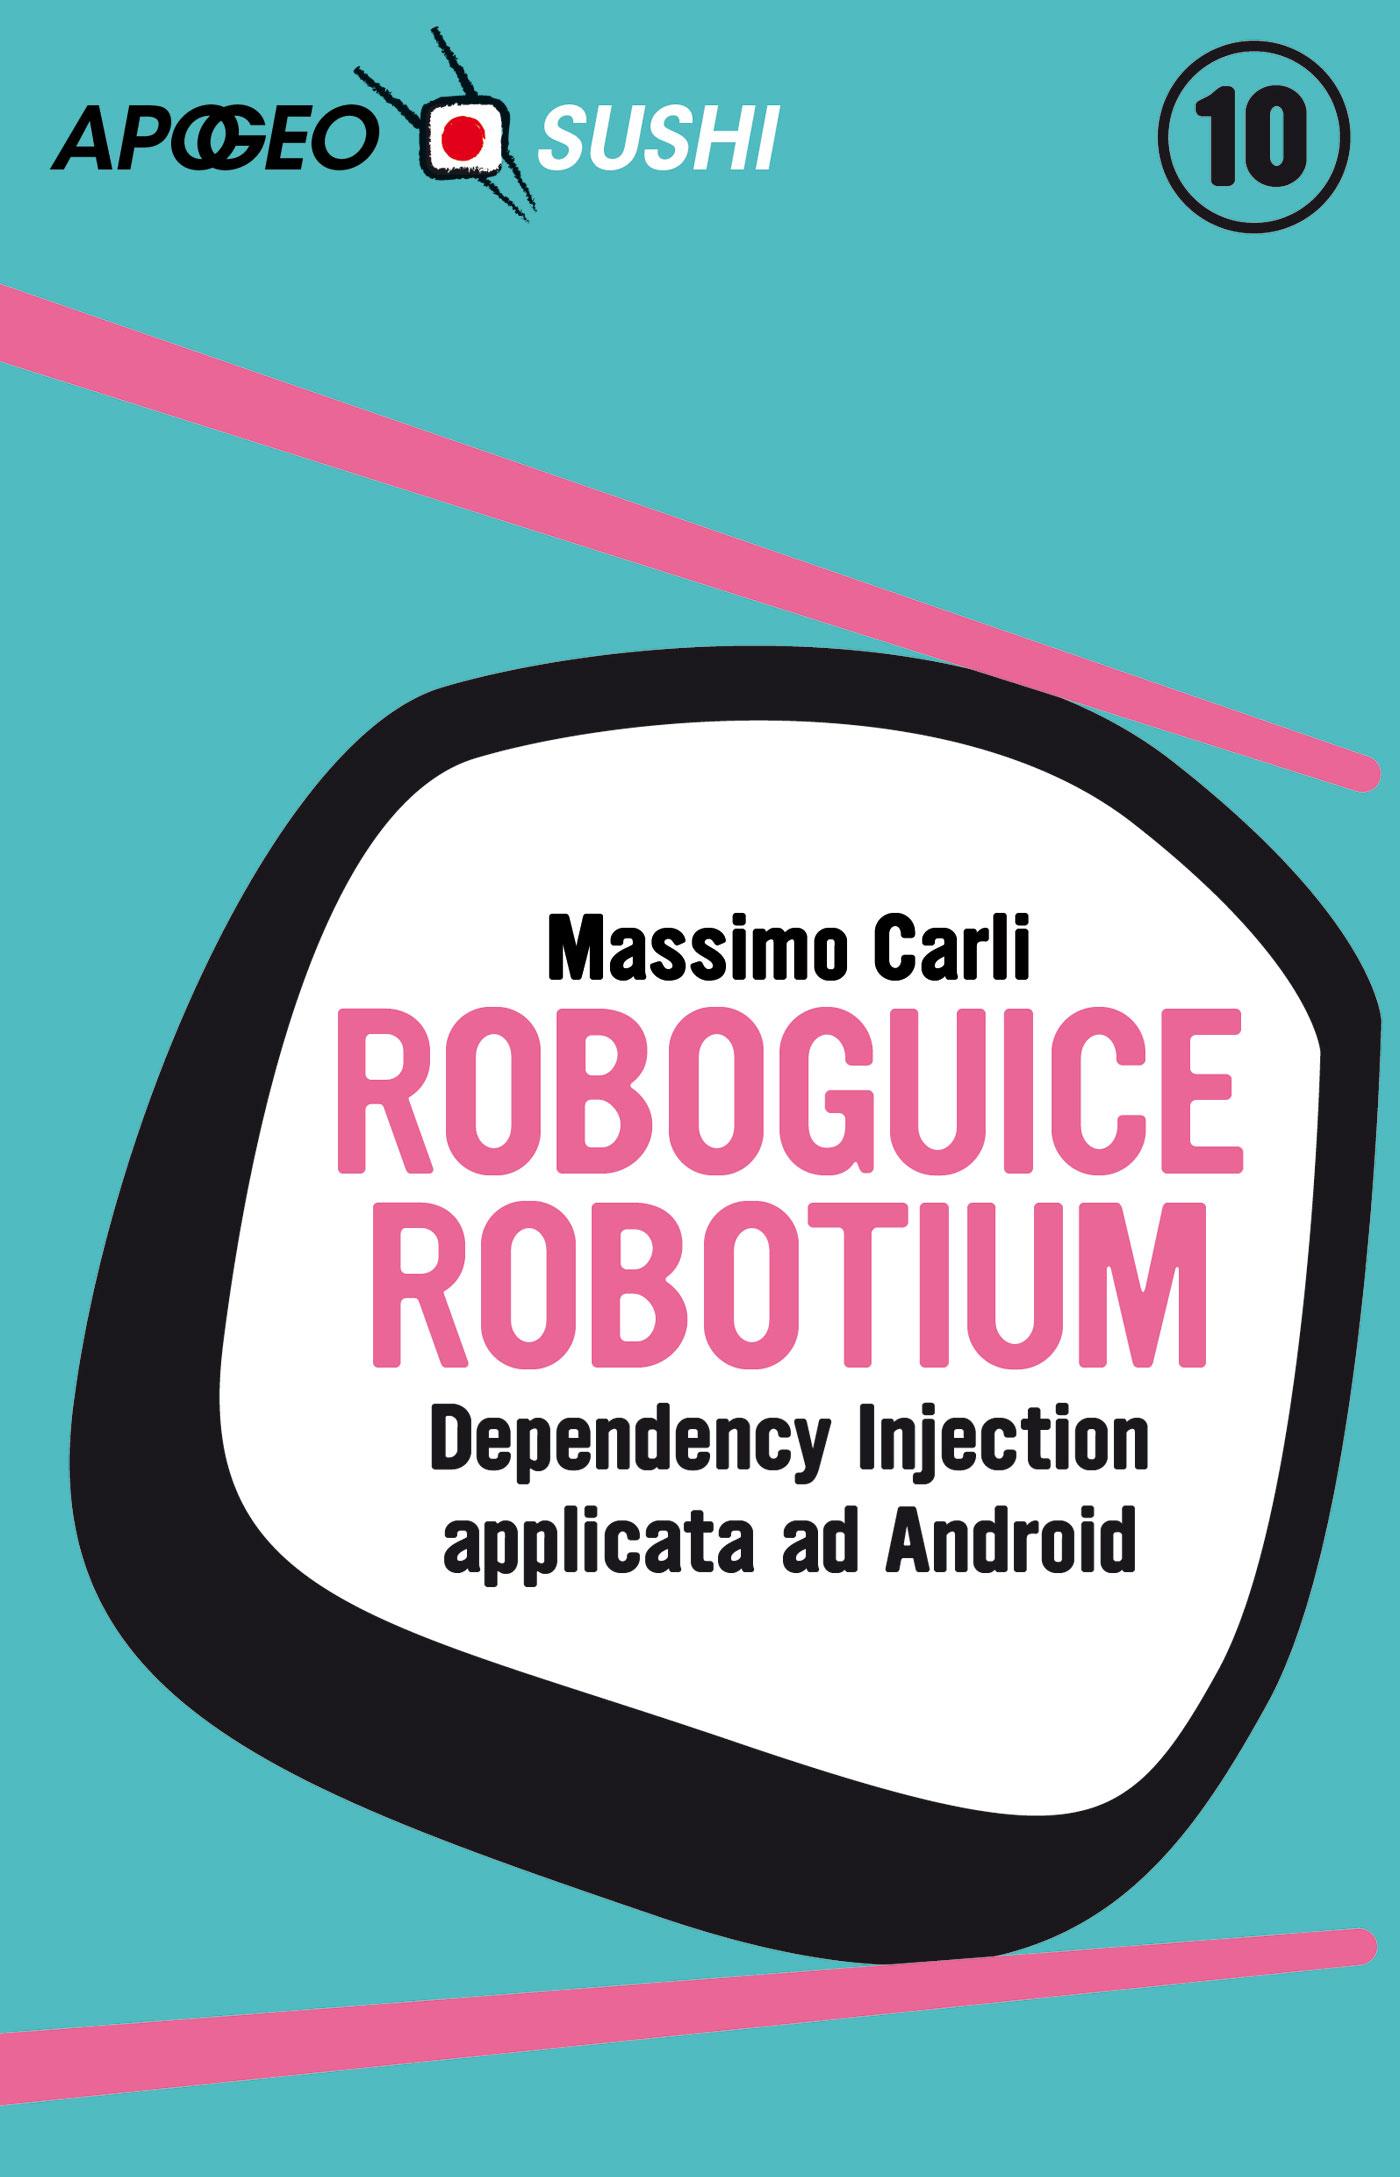 RoboGuice e Robotium – Massimo Carli